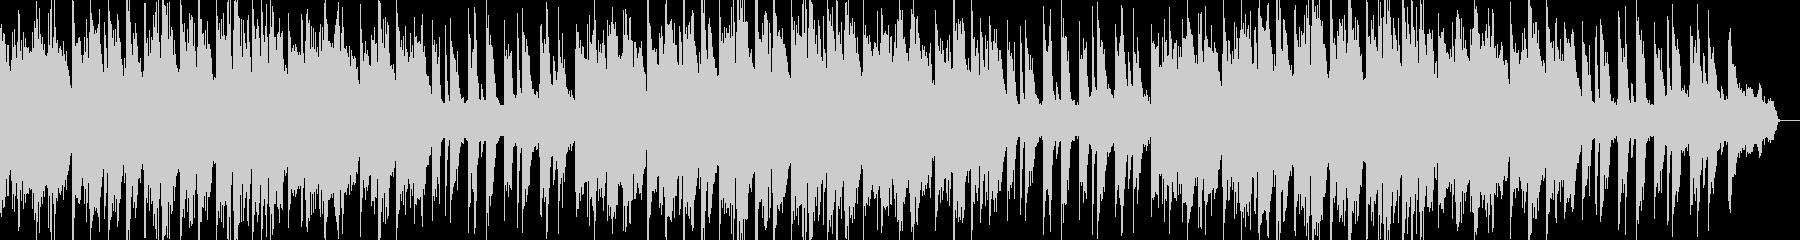 企業VP2 16bit44kHzVerの未再生の波形